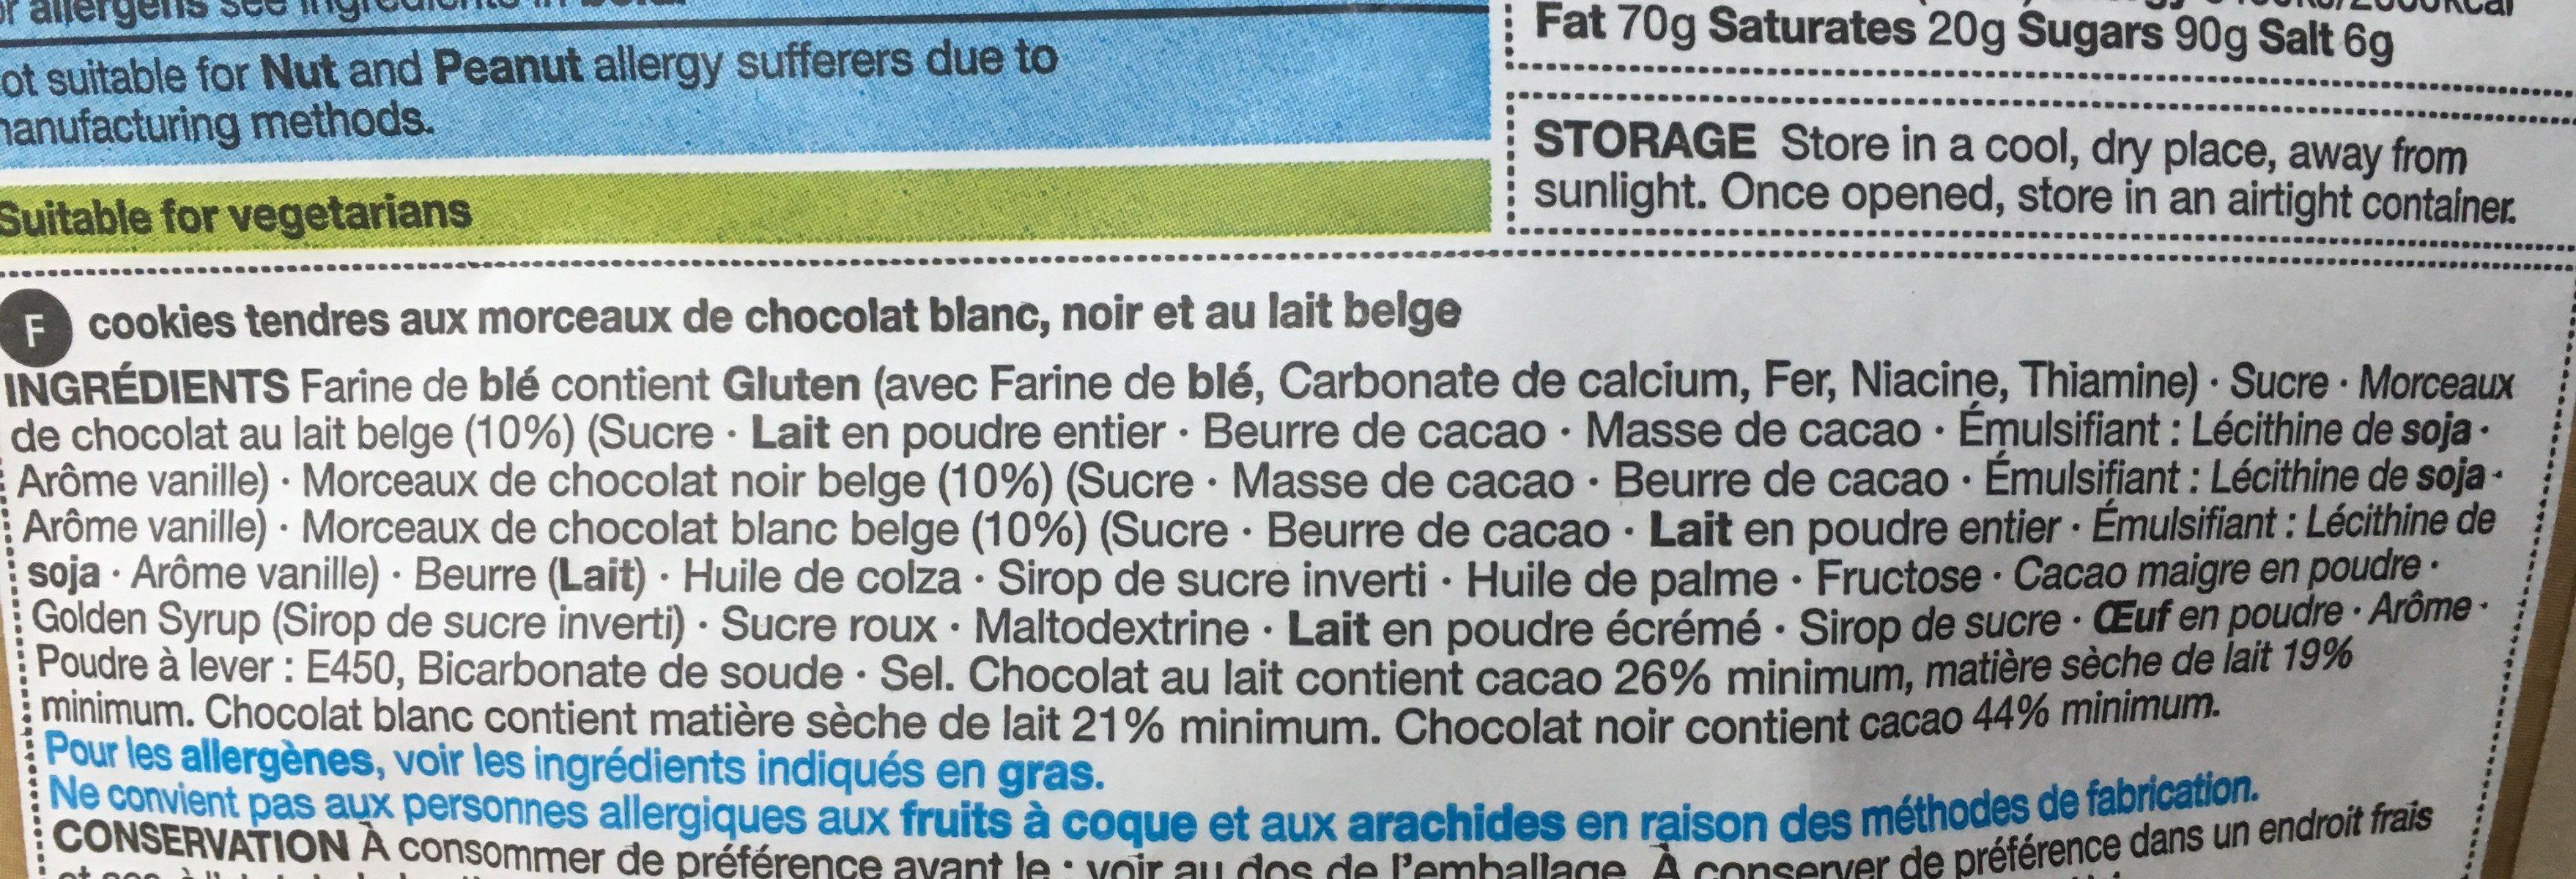 Giant cookies triple belgian chocolate - Ingredients